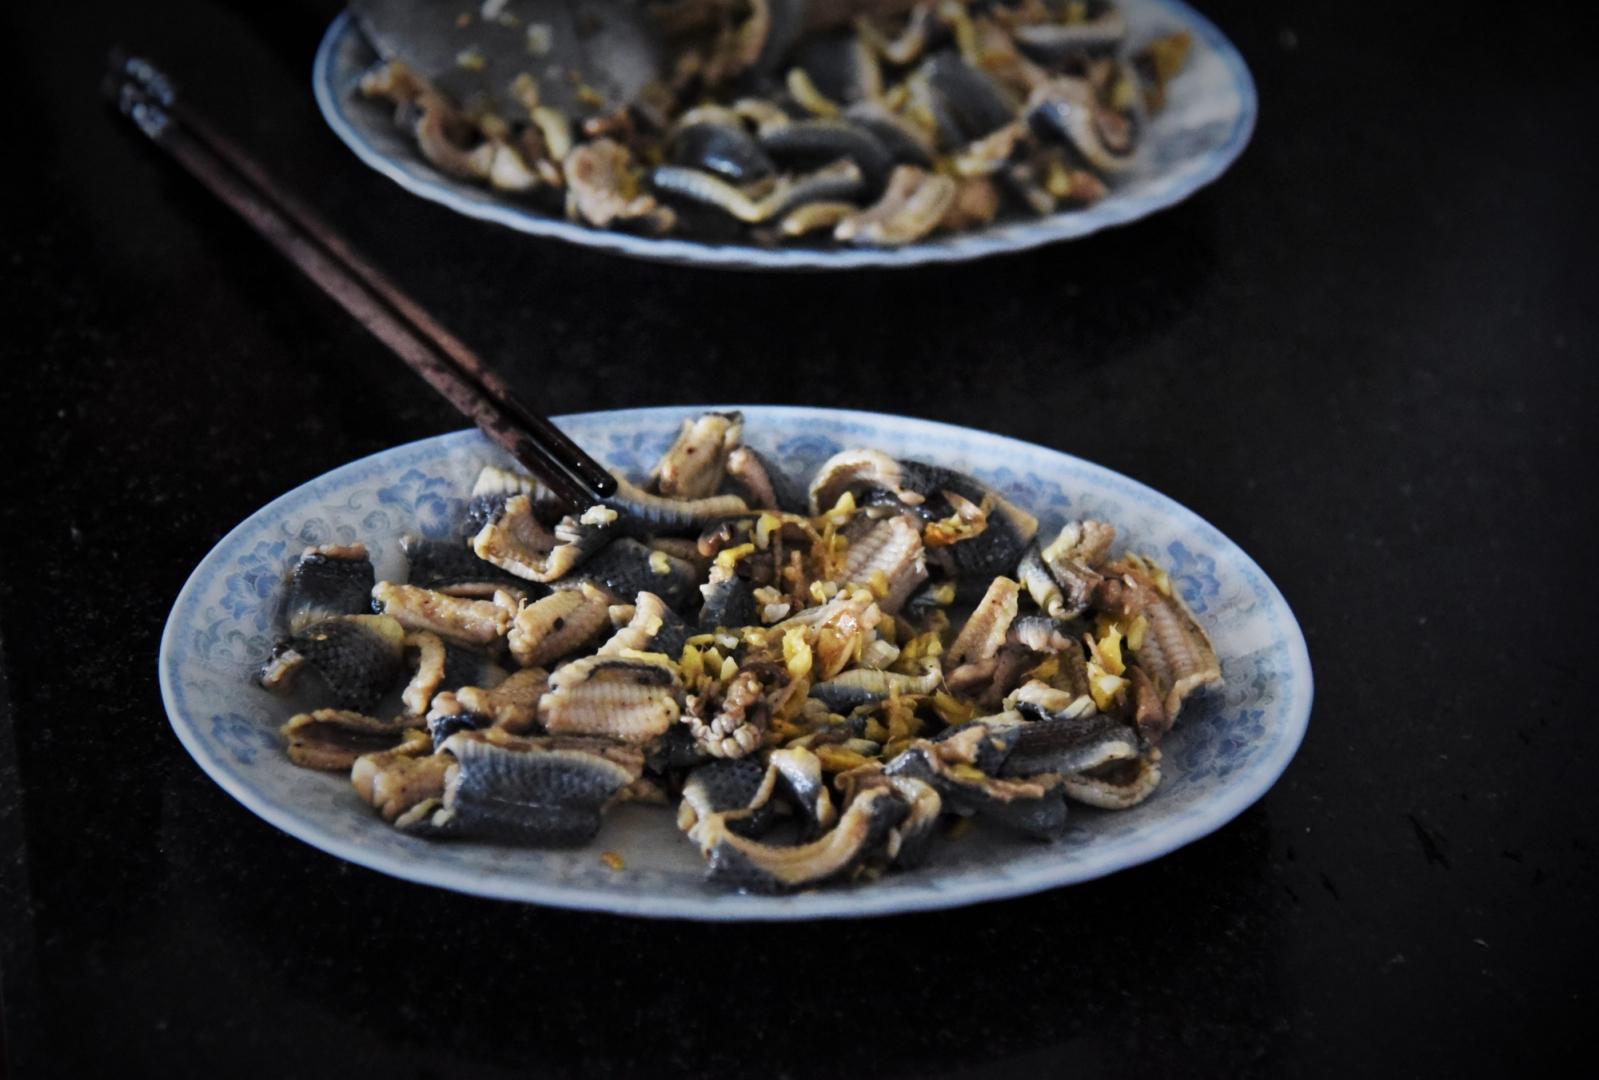 Мясо, заправленное традиционным кислым соусом, обжаривают со специями. Для остроты вкуса добавляется имбирь или лимонная трава